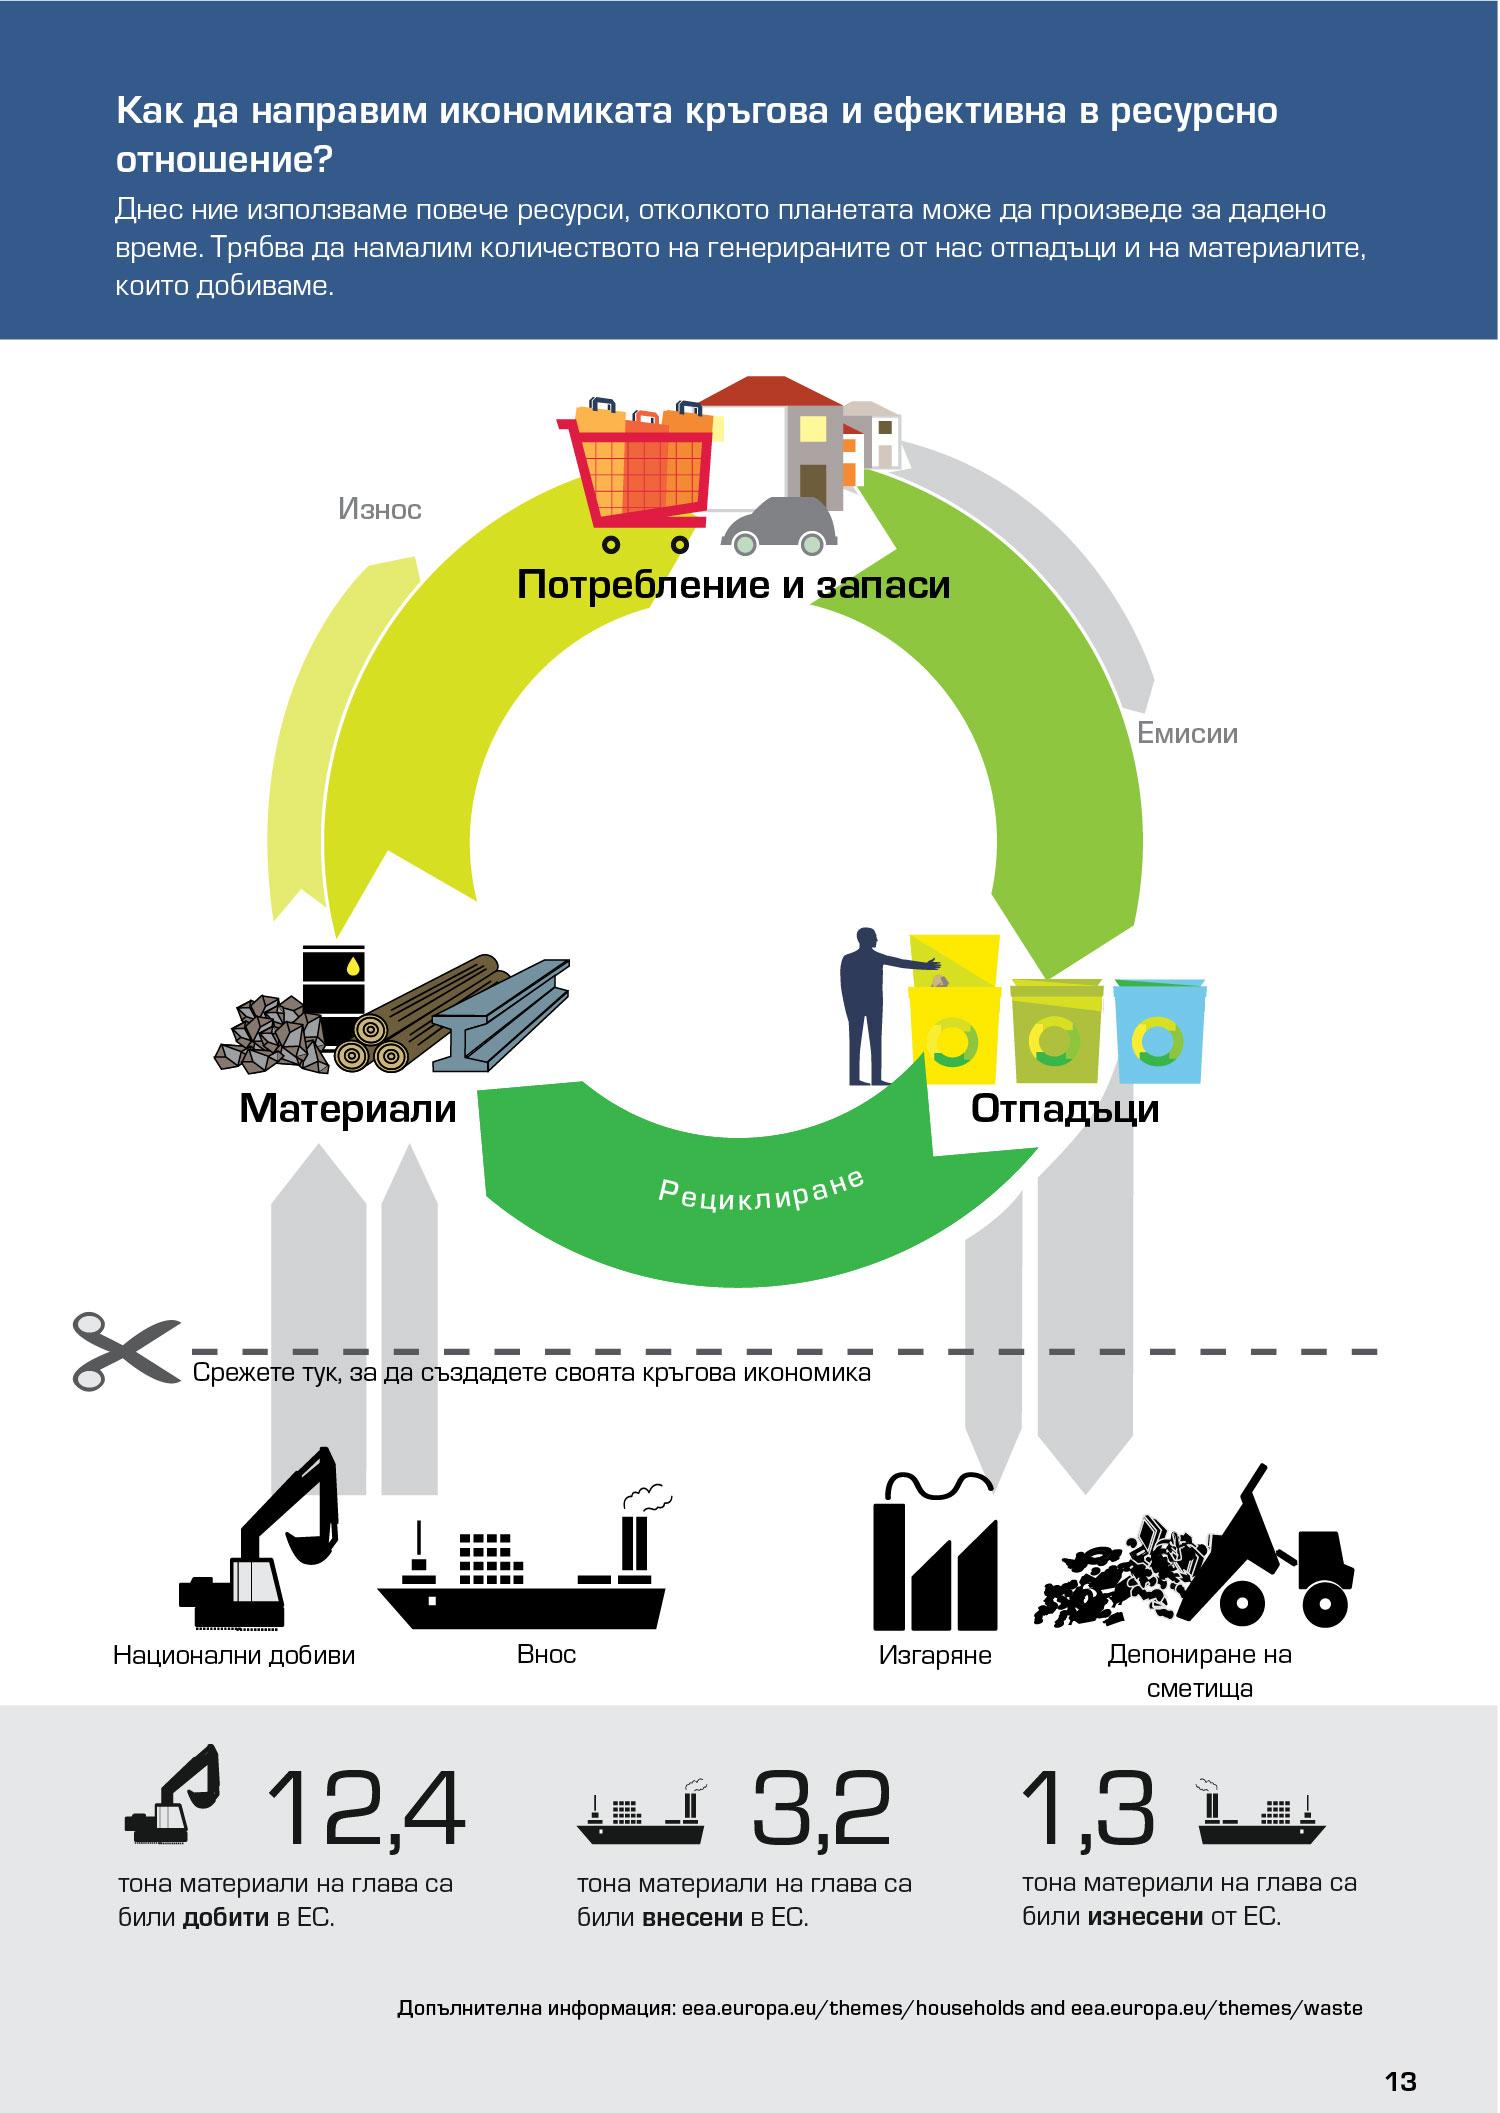 Как да направим икономиката кръгова и ефективна в ресурсно отношение?